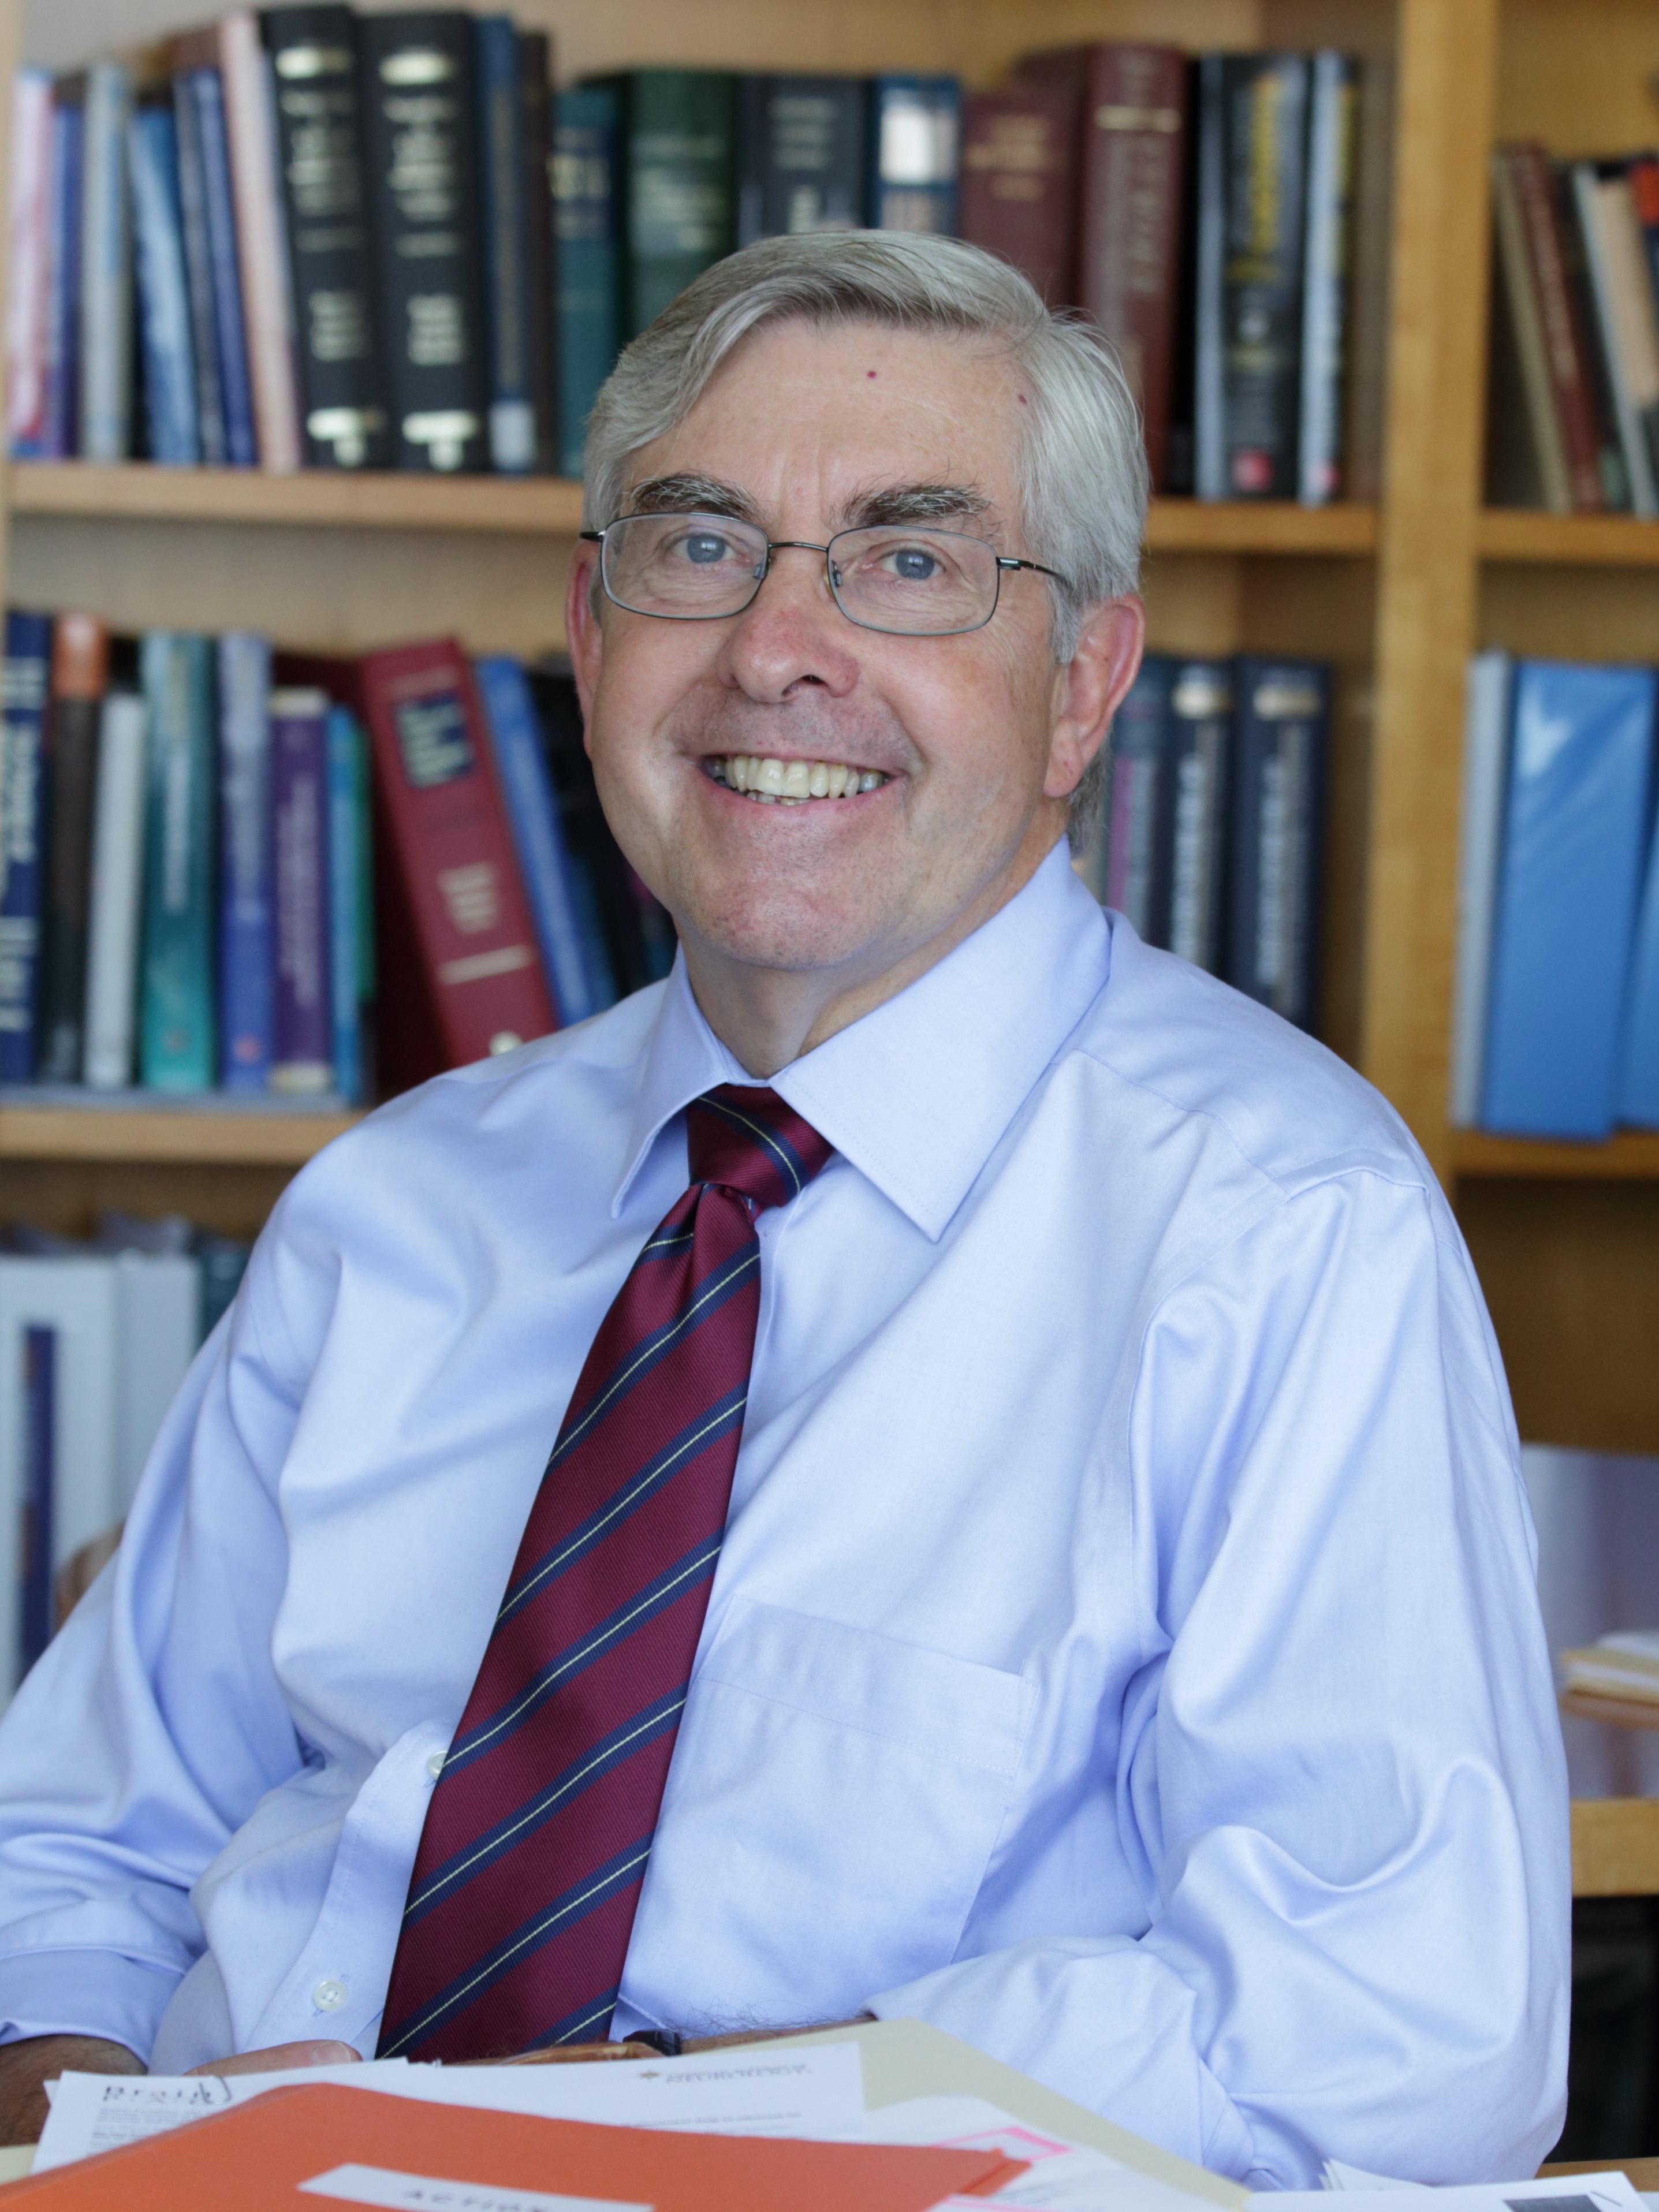 Walter Koroshetz